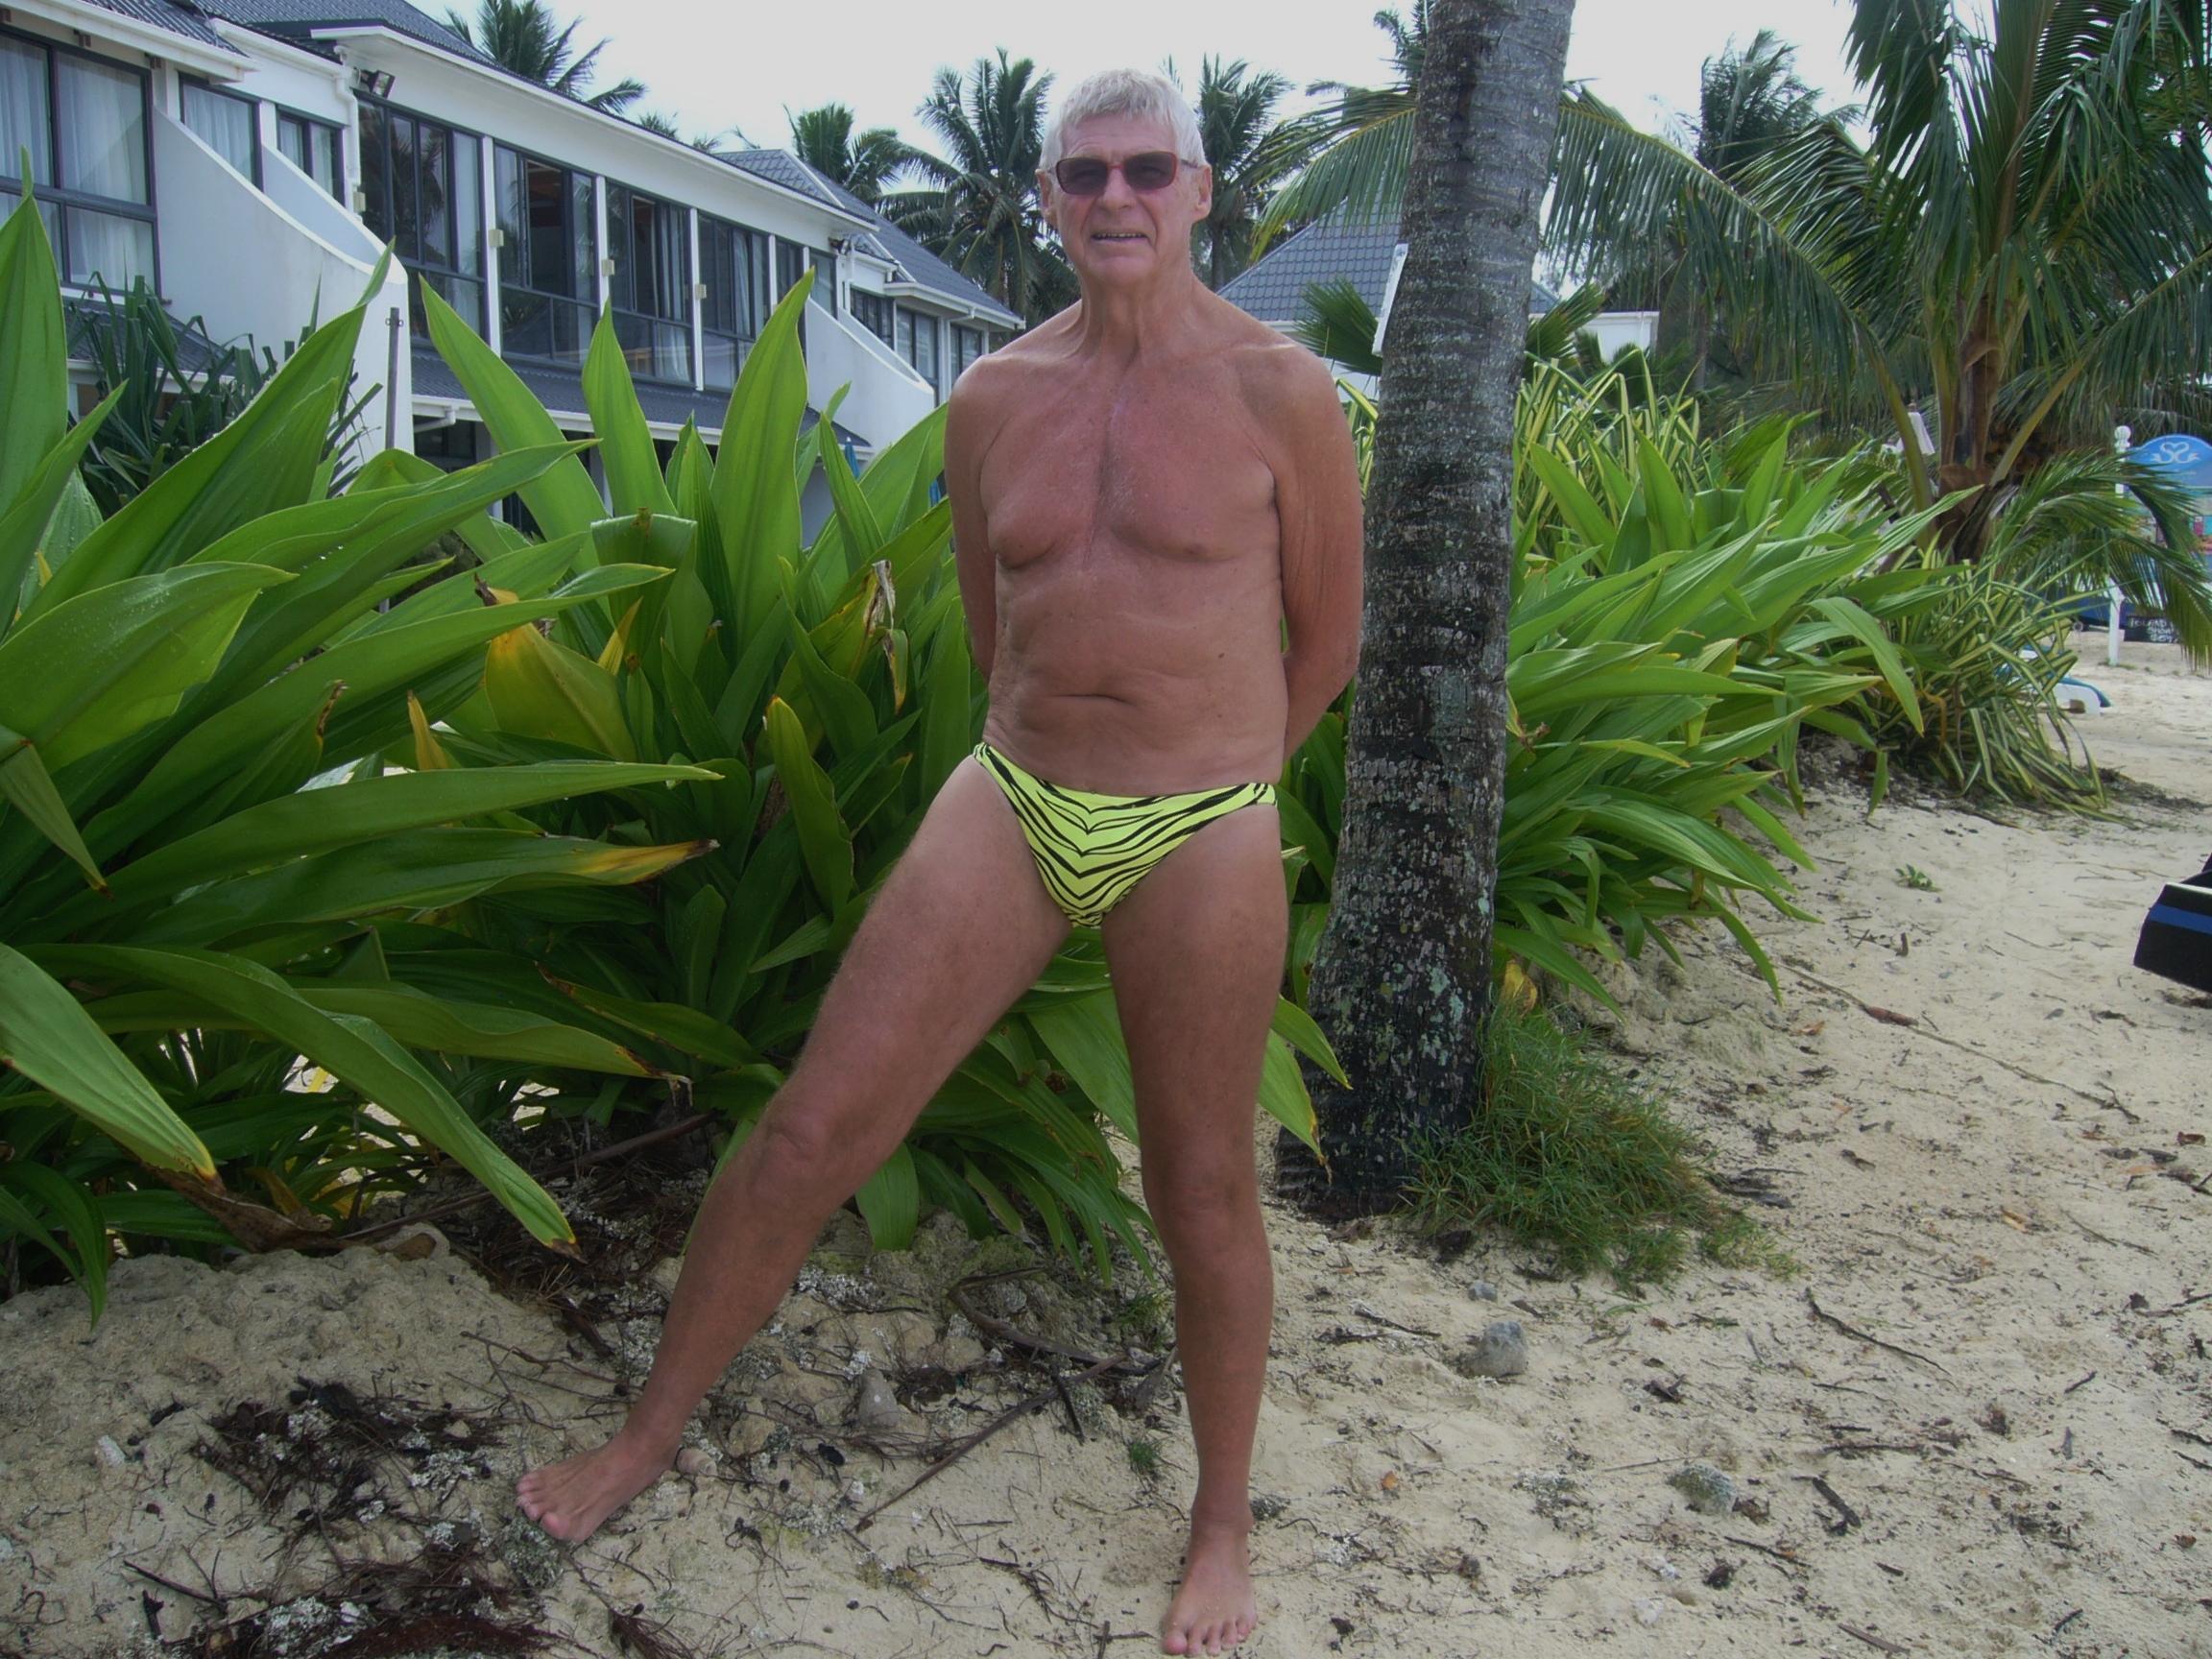 Sfondi : speedo, costumi da bagno, spiaggia, uomini, uomo, maschio ...